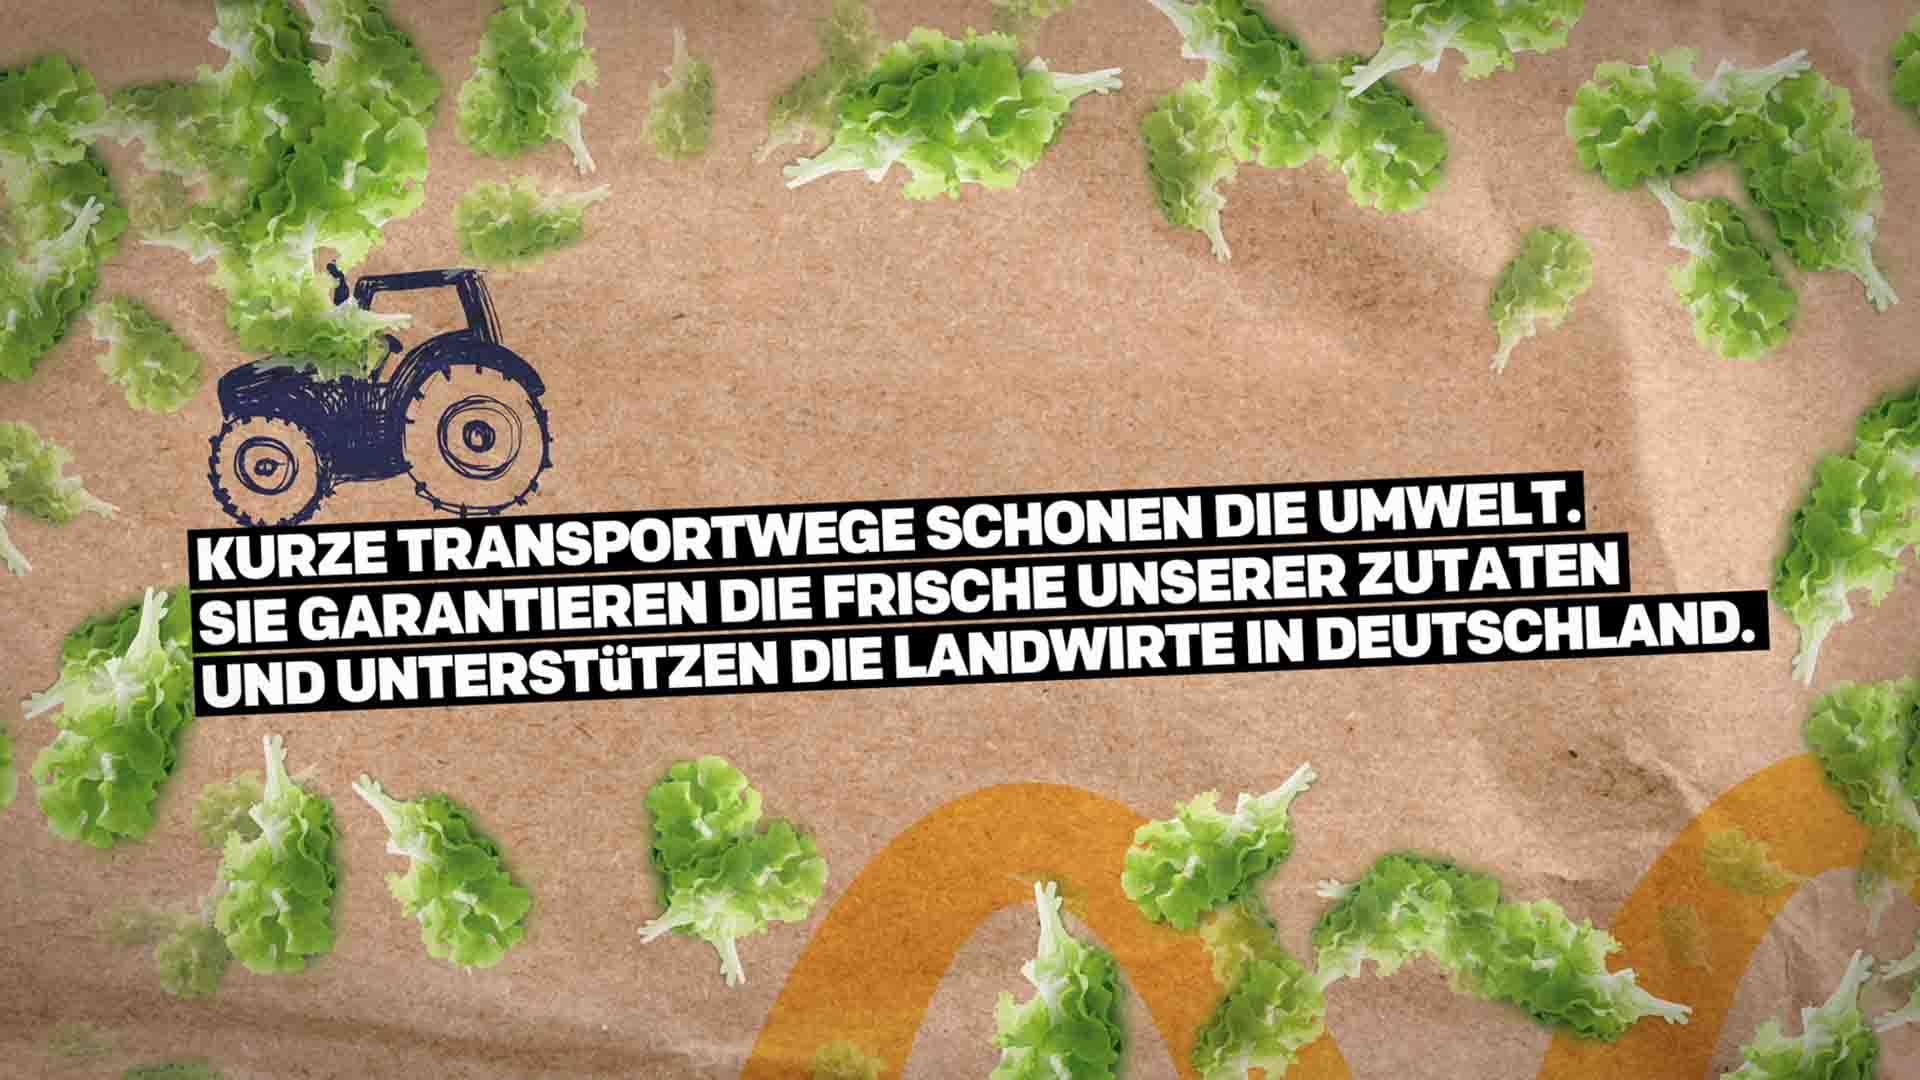 Das Bild zeigt einen braunen Hintergrund. Auf diesem liegen einige Blätter eines Salates verstreut. Die Mitte des Bildes ist durch einen gezeichneten, animierten Traktor geschmückt. Ebenfalls sind Textpassagen zu sehen. Das Bild dient als Sliderbild für den Portfolioeintrag McDonald's Nachhaltigkeits Erklärfilme von Panda Pictures.